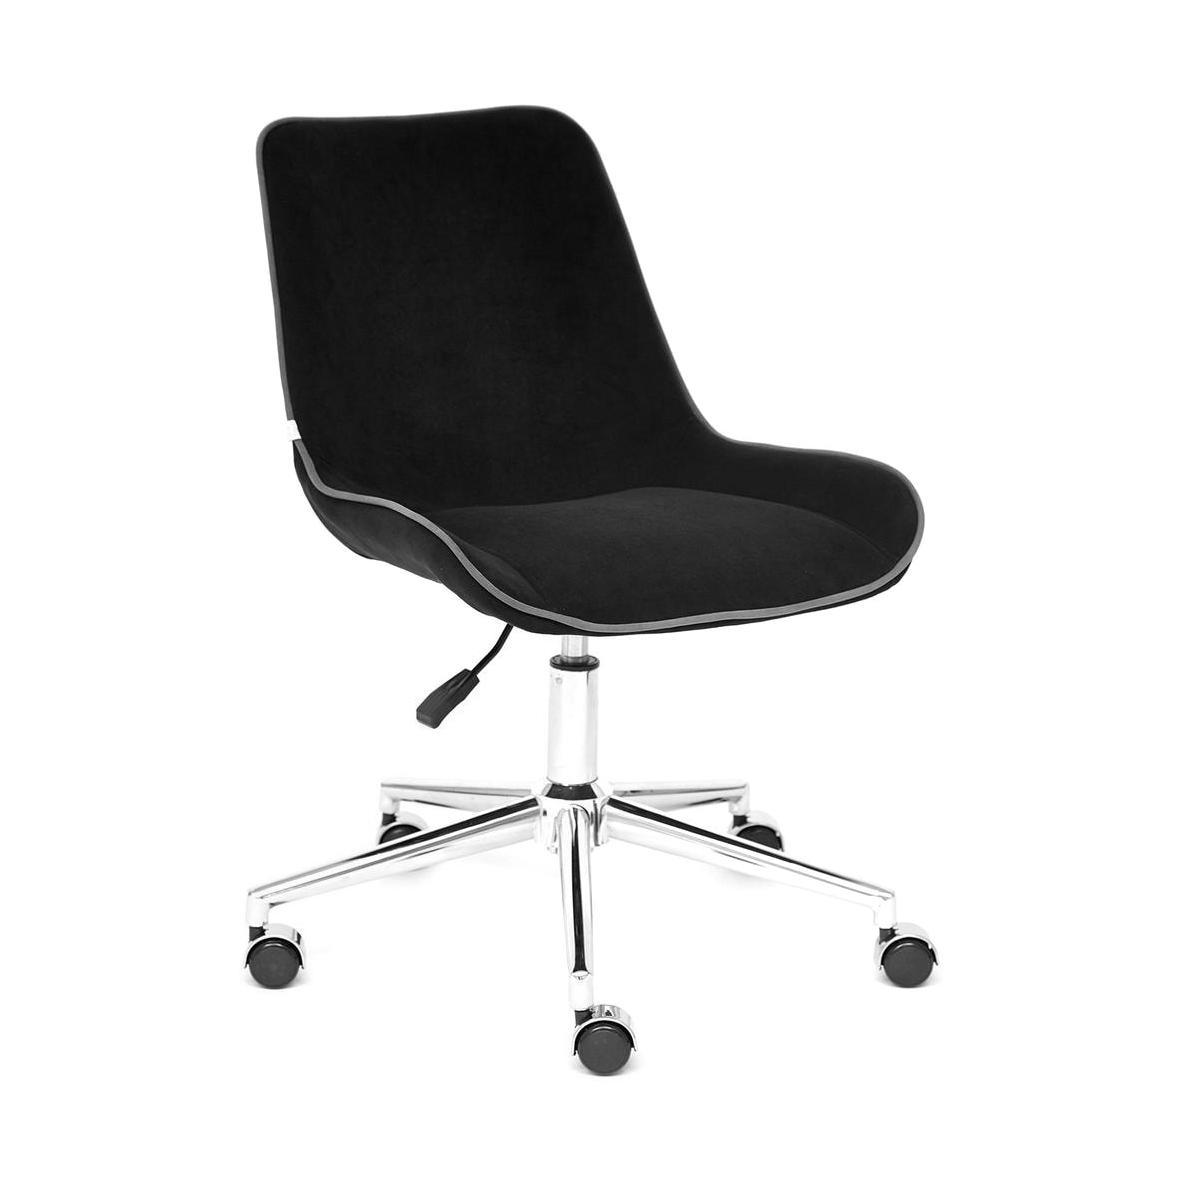 Кресло компьютерное TC флок чёрный 97х52х40 см компьютерное кресло turin компьютерное кресло